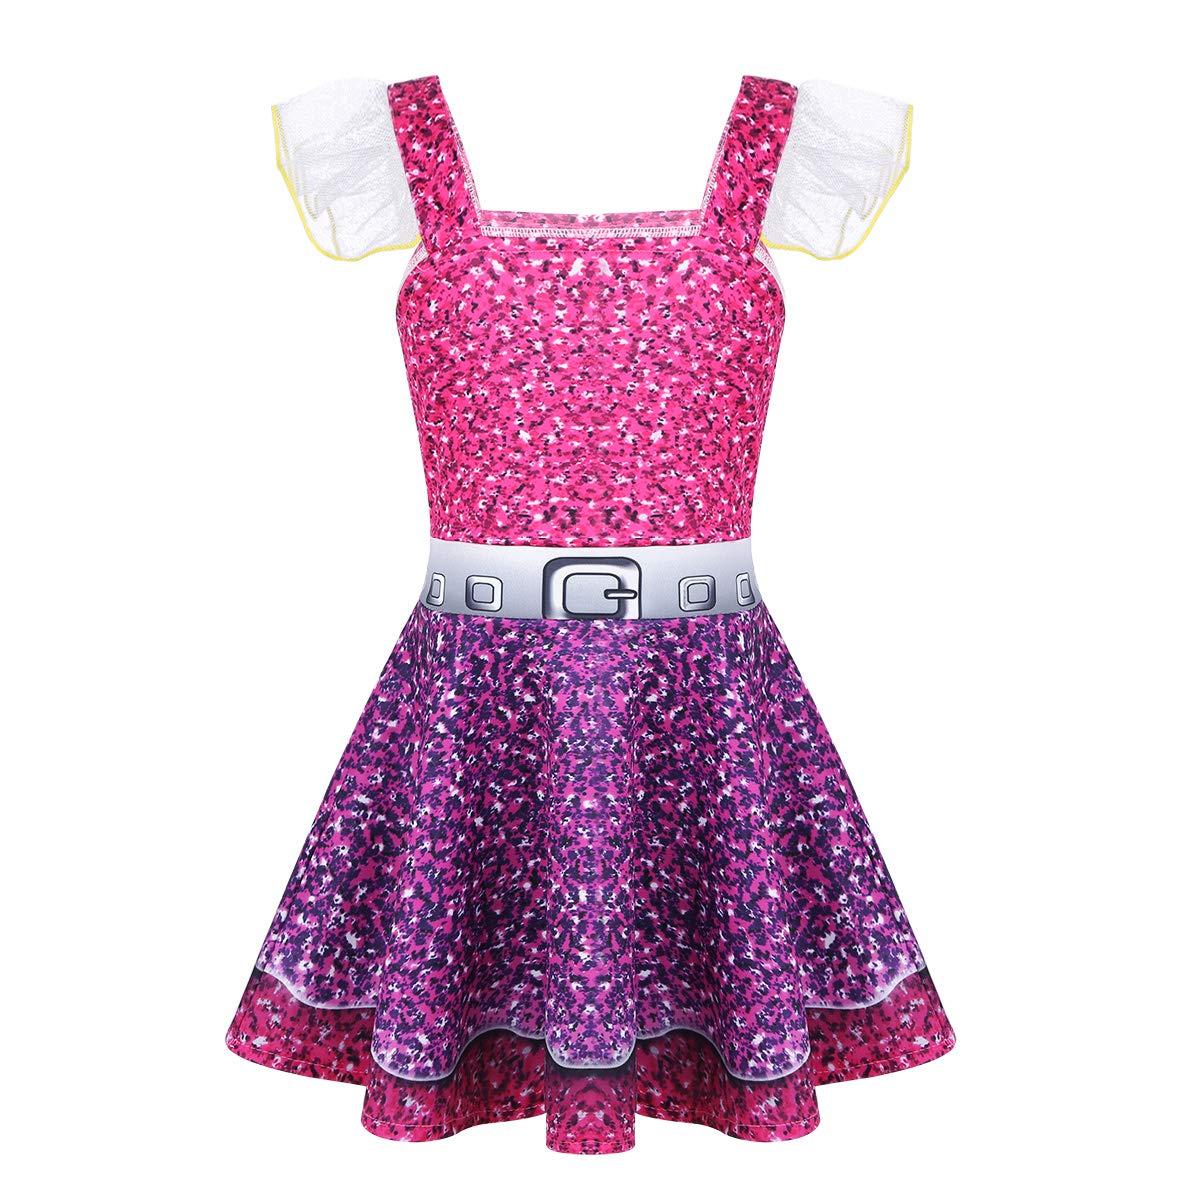 【有名人芸能人】 YiZYiF B07GRYV83H DRESS ガールズ B07GRYV83H Hot YiZYiF Hot Pink&purple 43591, 【完売】 :46ea13b7 --- e-retailmart.com